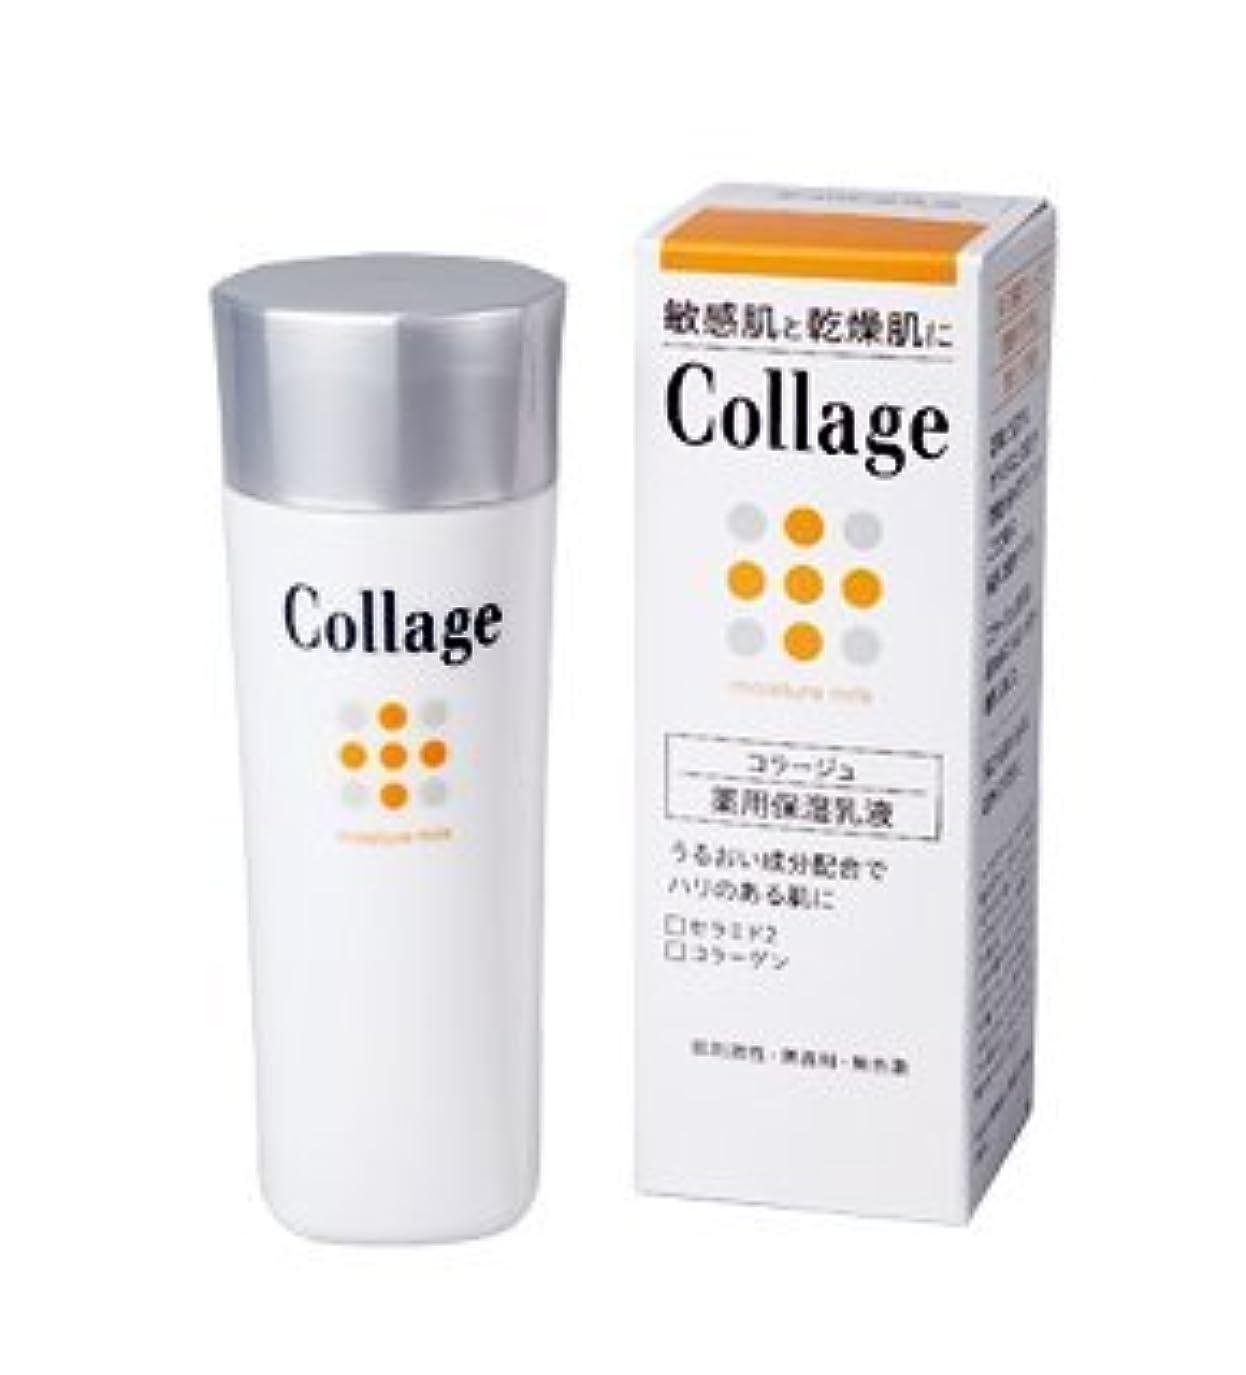 必要としている平方ファランクス【持田ヘルスケア】 コラージュ薬用保湿乳液 80ml (医薬部外品) ×4個セット